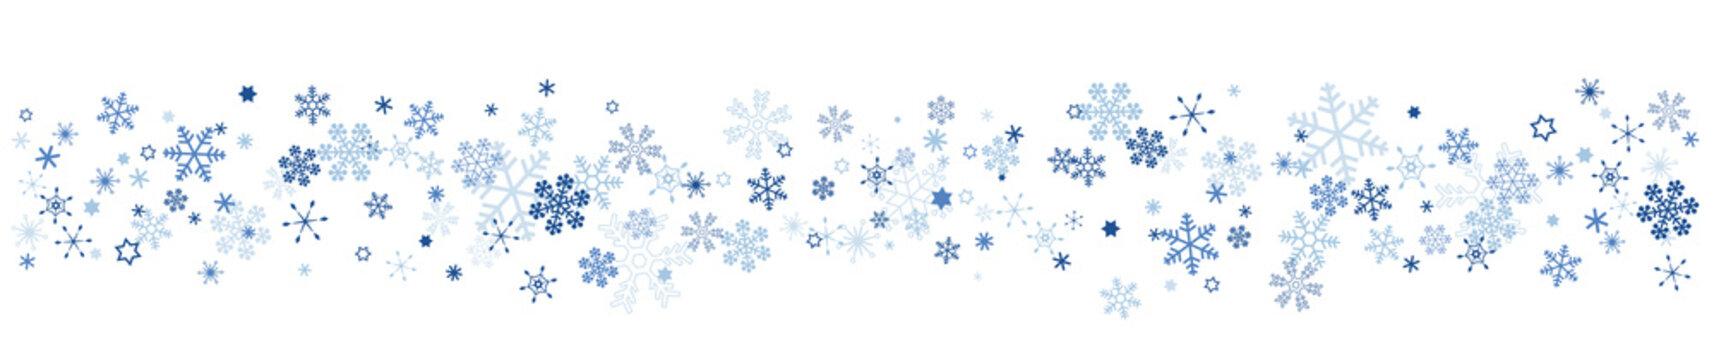 雪の結晶 スノーフレークのボーダー